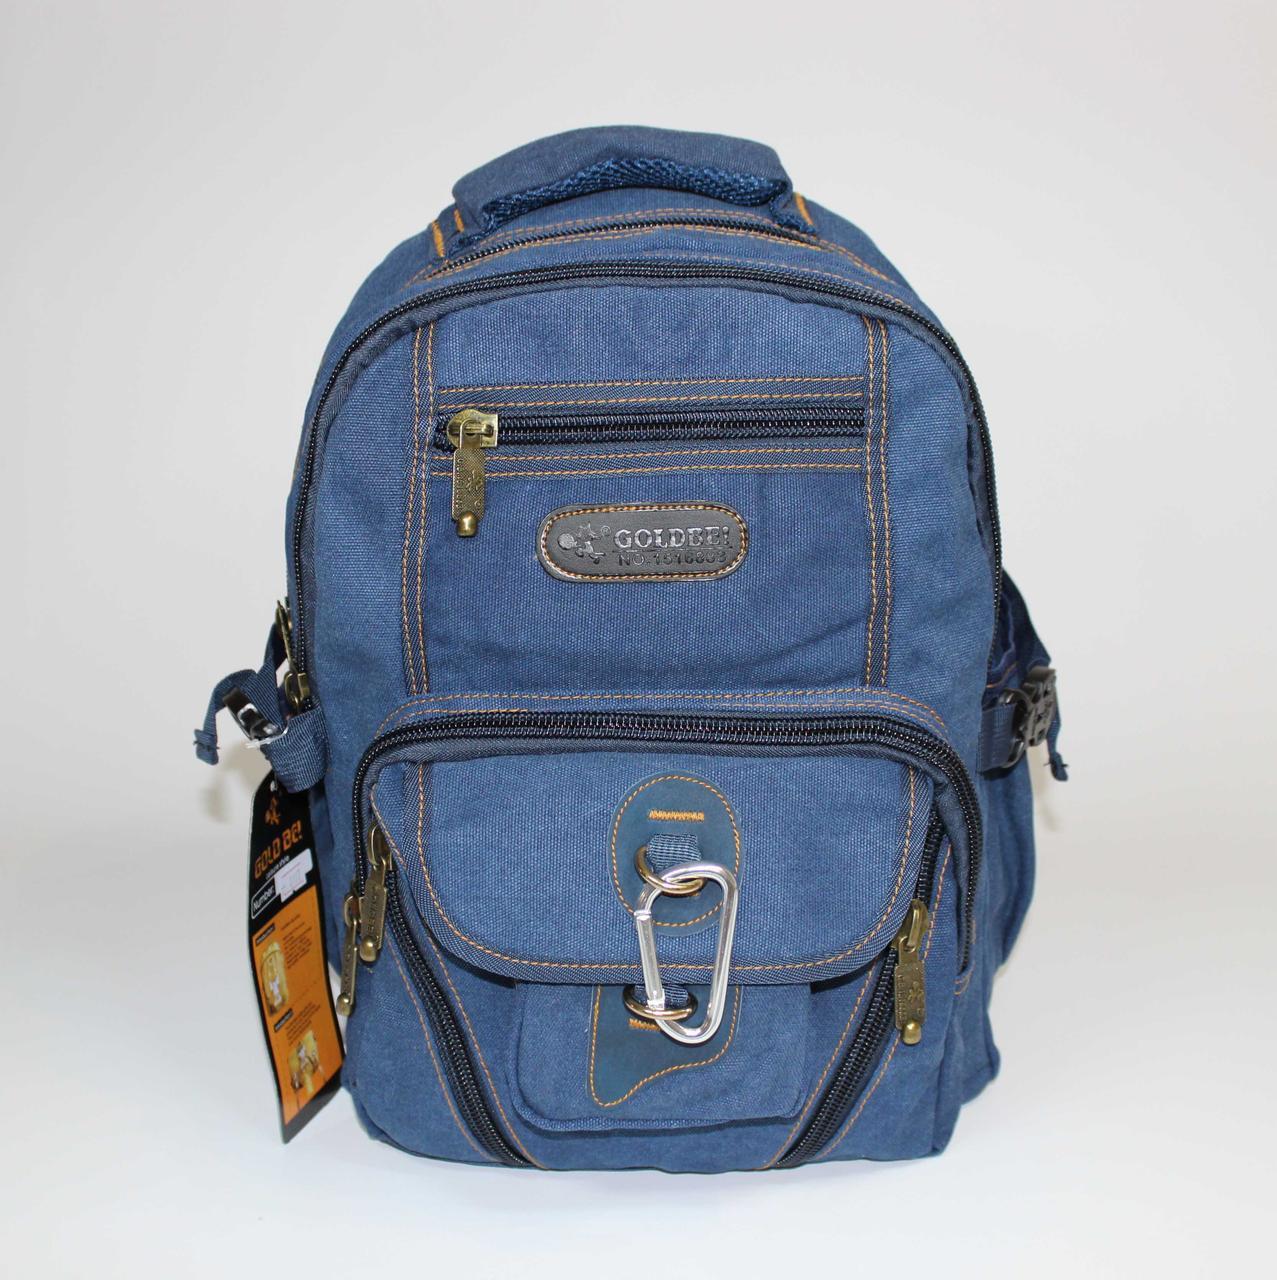 Джинсовий міський чоловічий рюкзак GOLD BE 0107   синій  ( 37х31х21 см. 25 літрів)